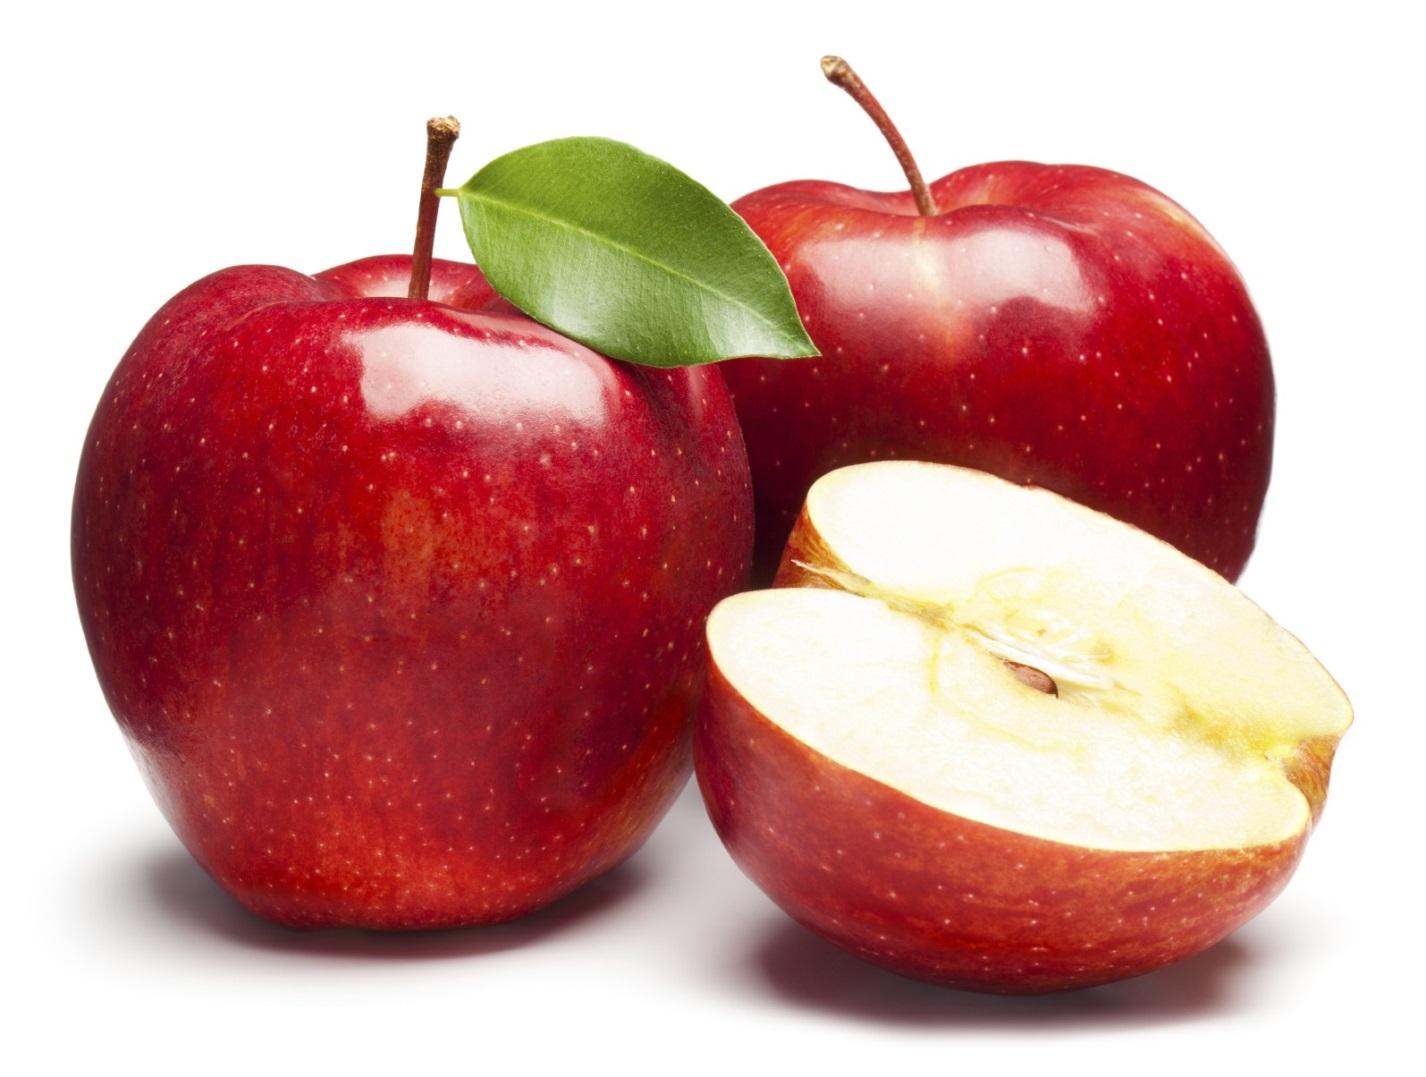 целые и разрезанное яблоко